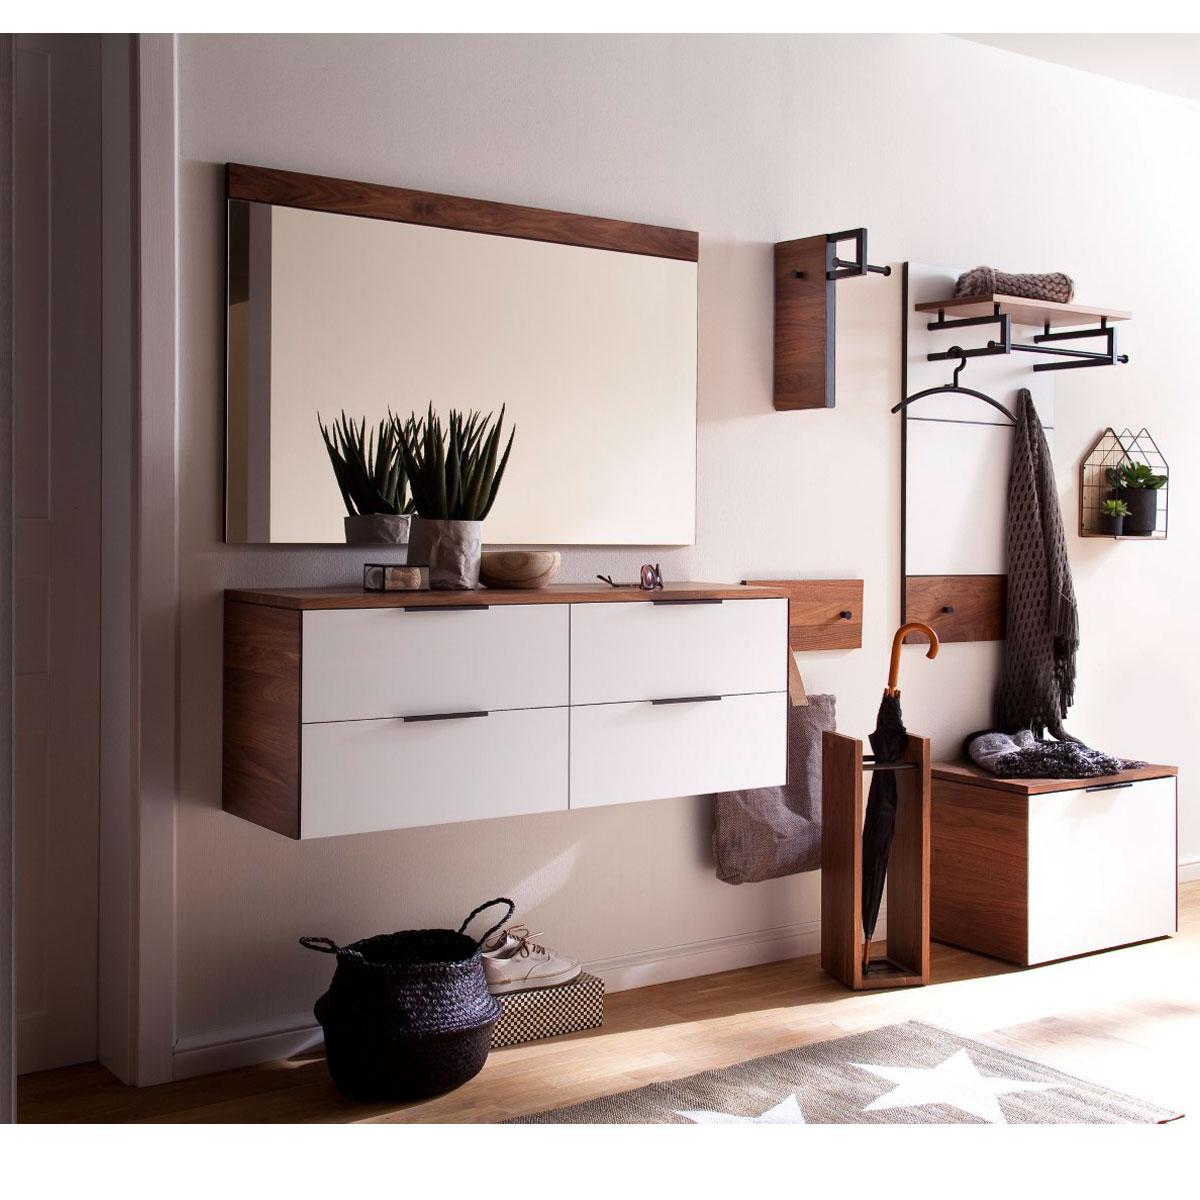 Wittenbreder Novara Garderobenkombination Nr. 13 komplette Garderobe für  Ihren Flur und Eingangsbereich 7-teilige Vorschlagskombination in Nussbaum  ...